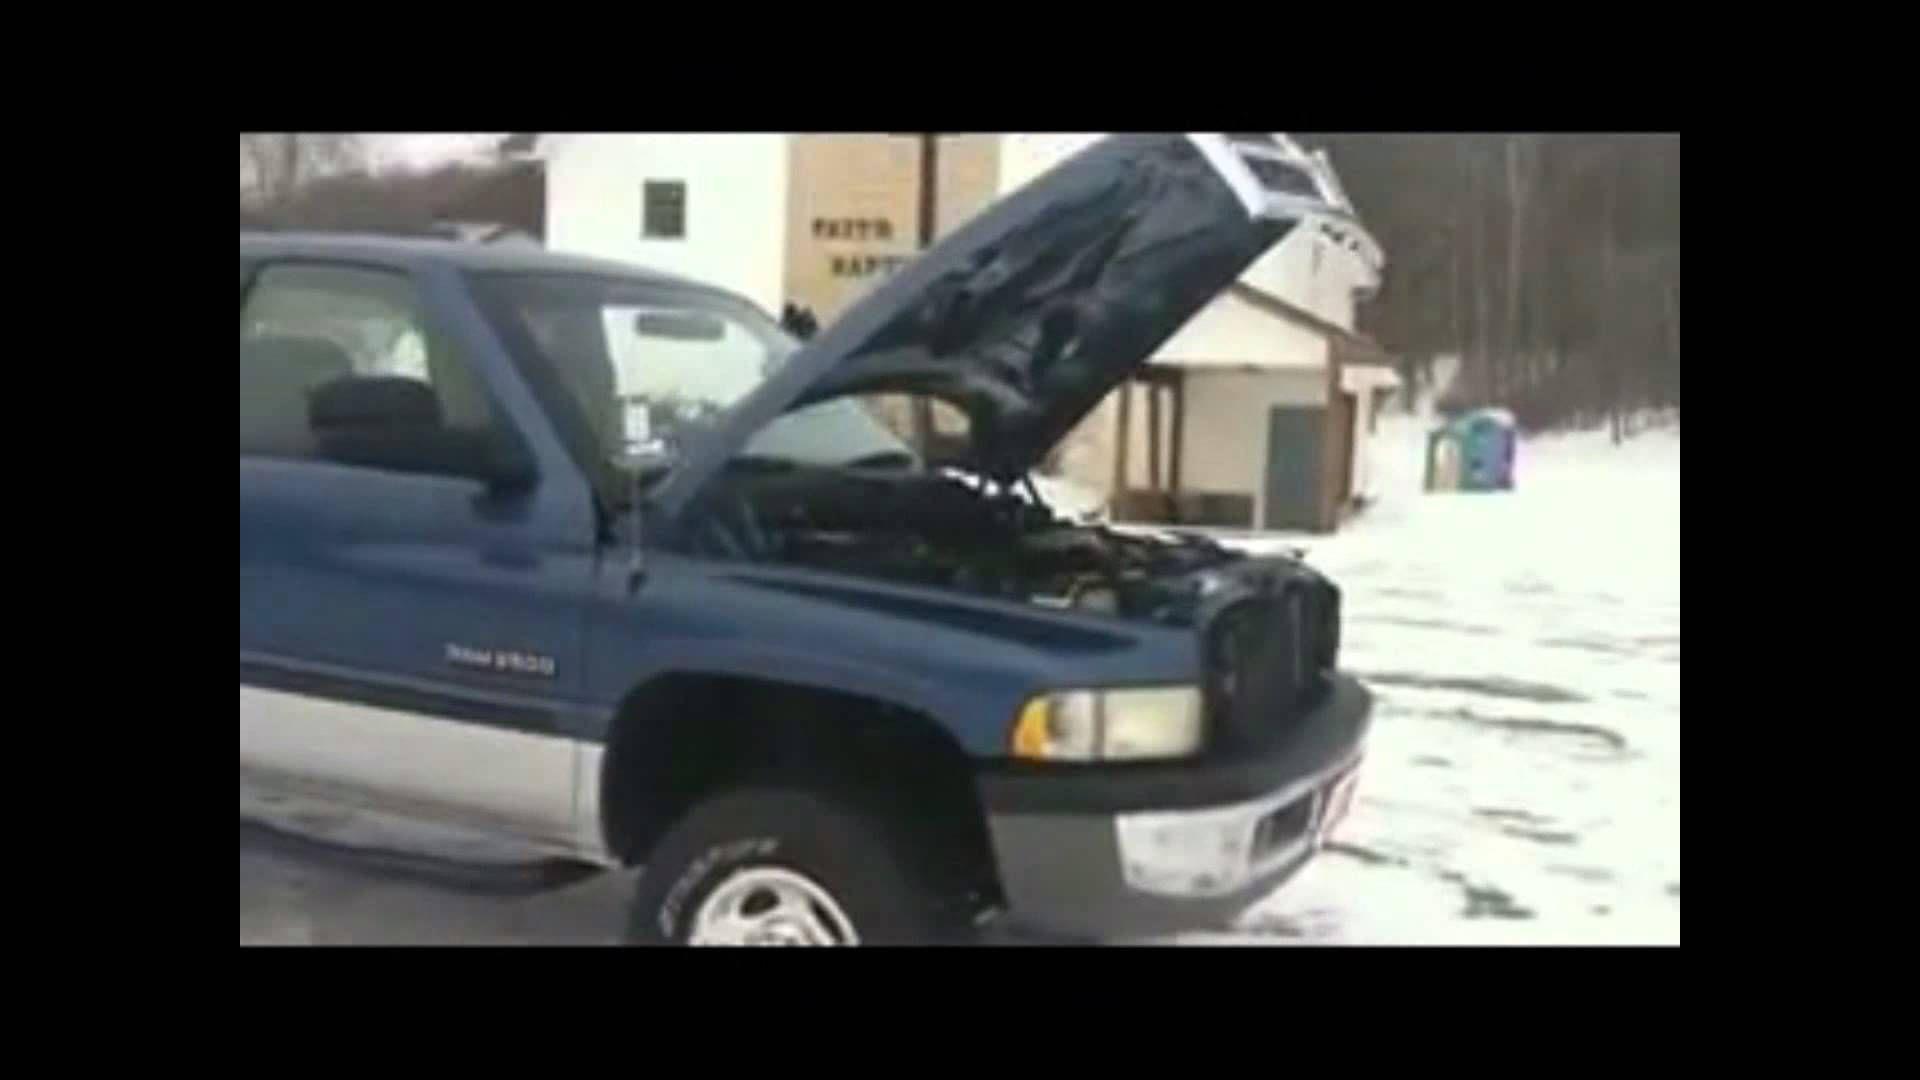 Used Diesel Trucks >> Used Diesel Trucks Used Cummins Trucks Diesel Trucks For